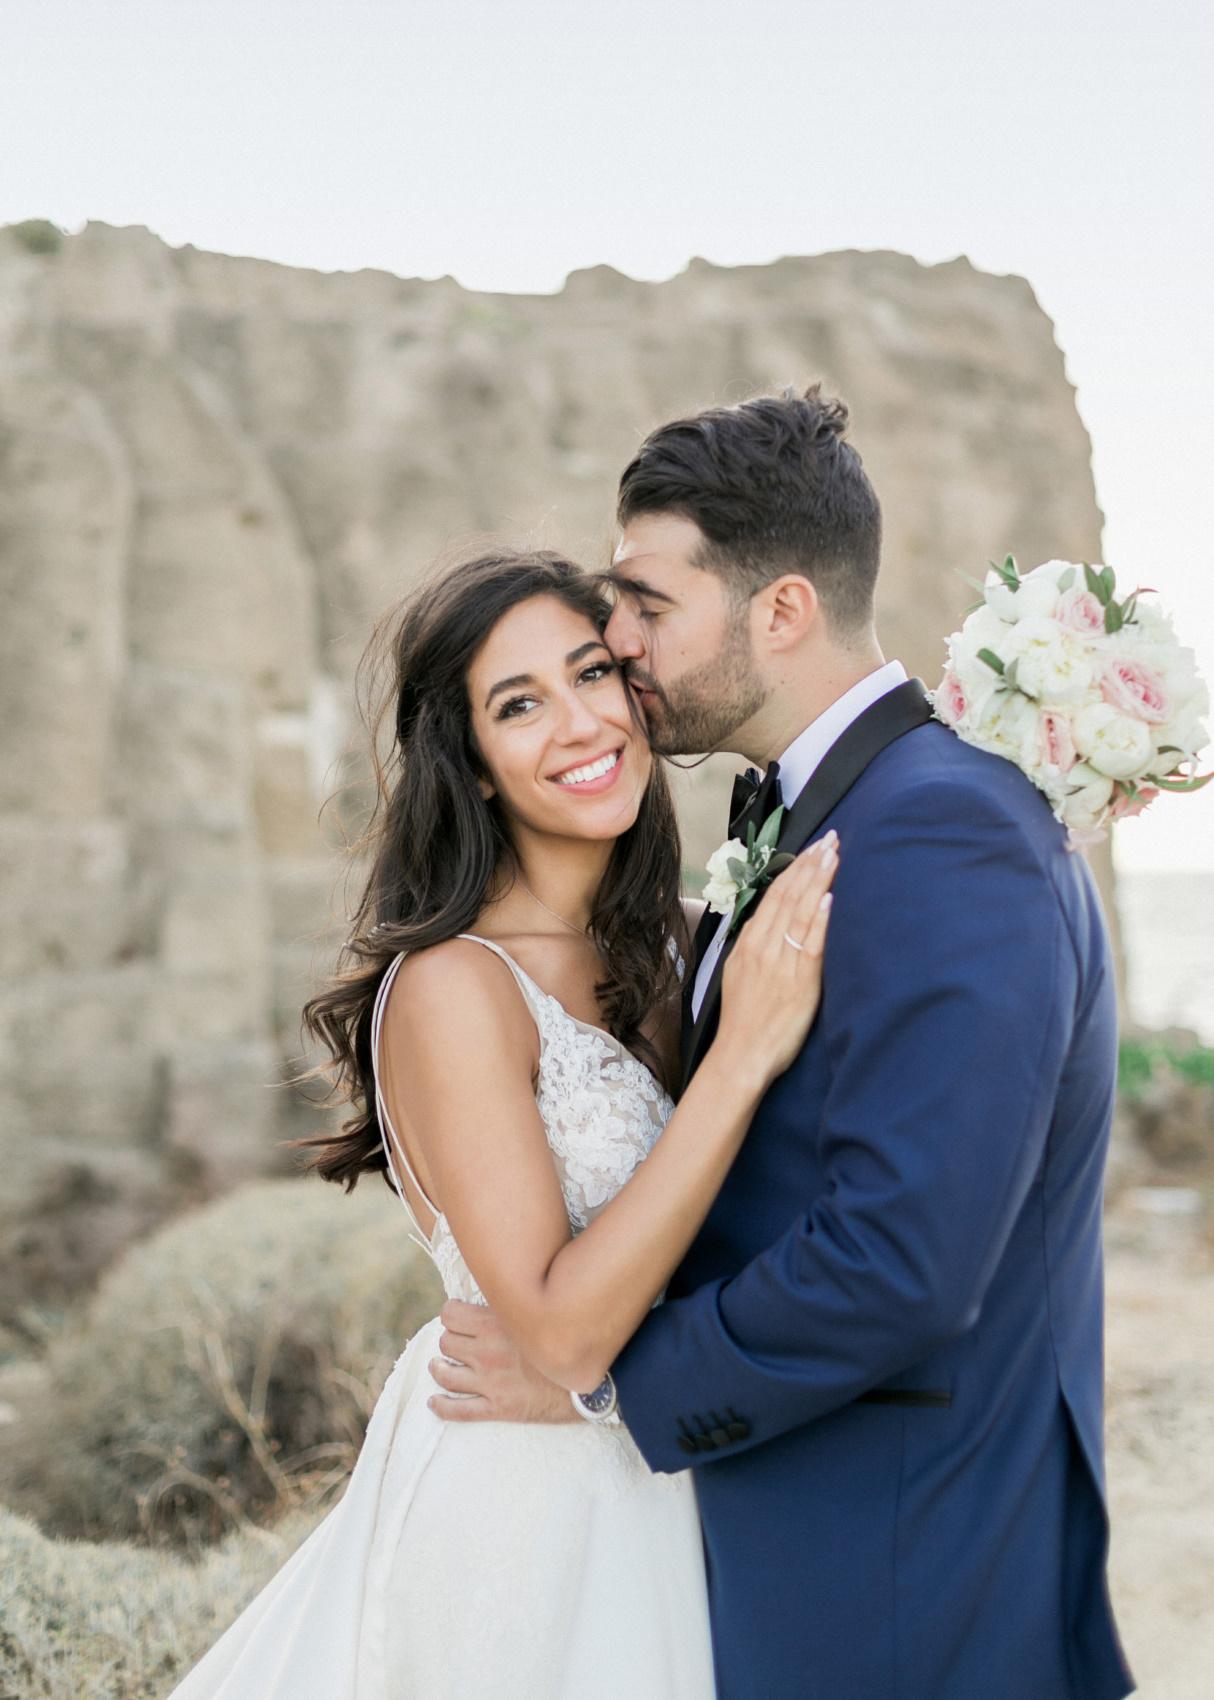 Wedding Week in Greece bride and groom on Skyros